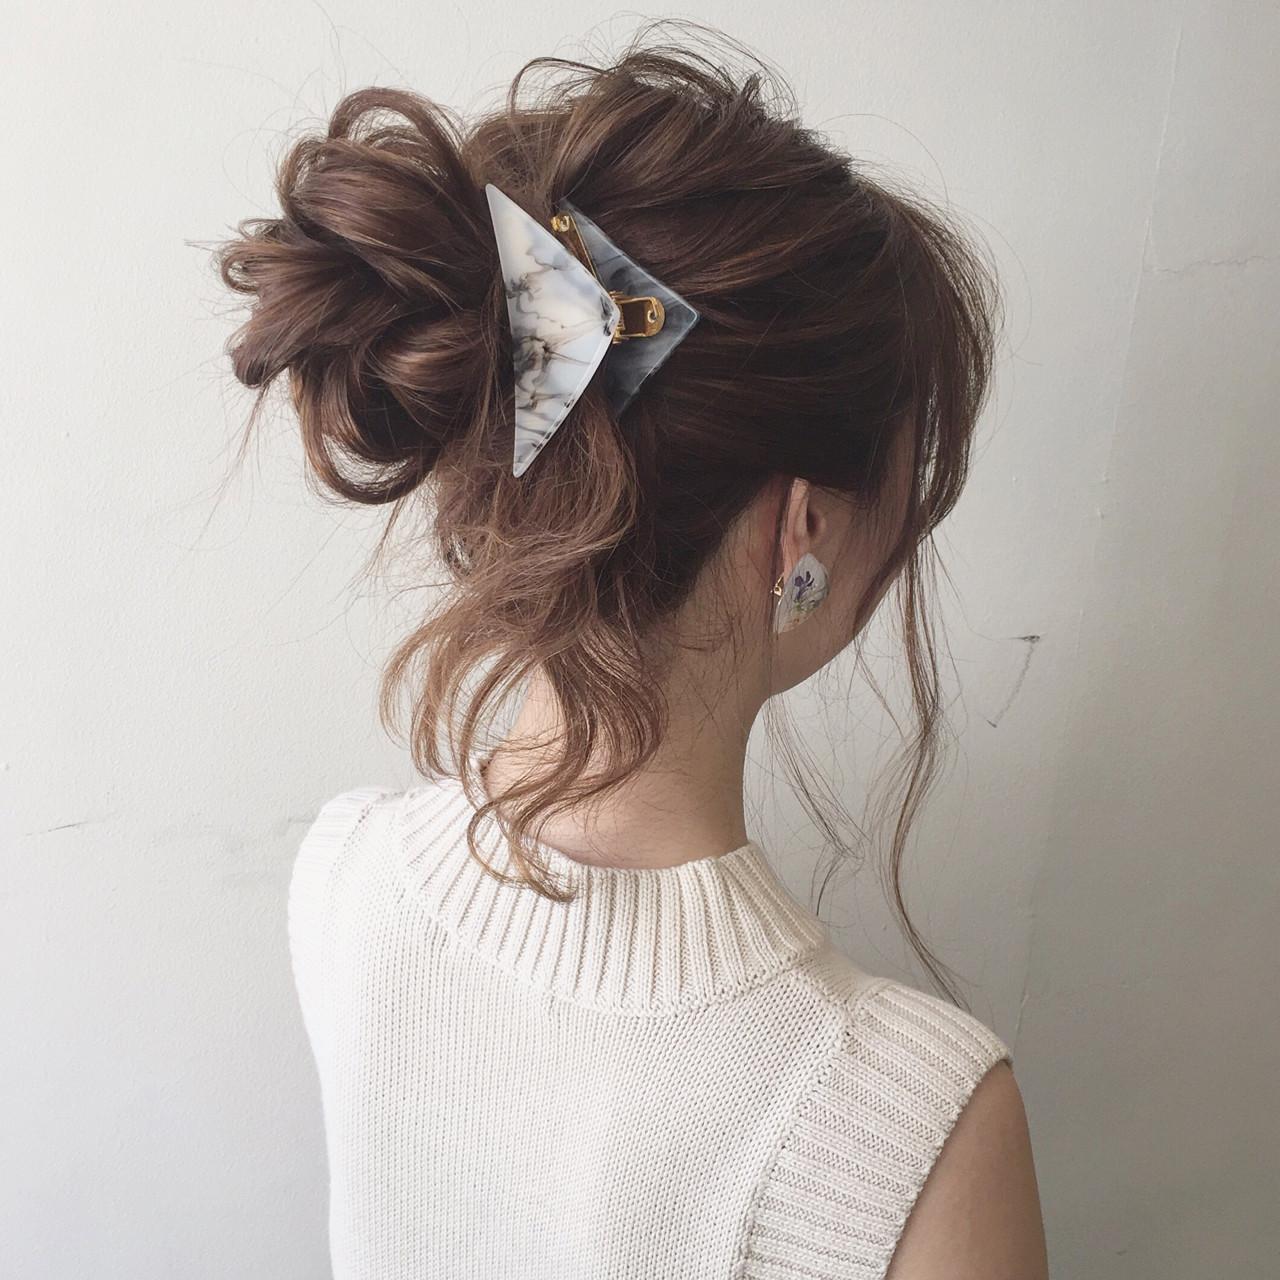 夏のヘアアレンジ特集。おしゃれで透明感ある涼しげスタイルの7枚目の画像